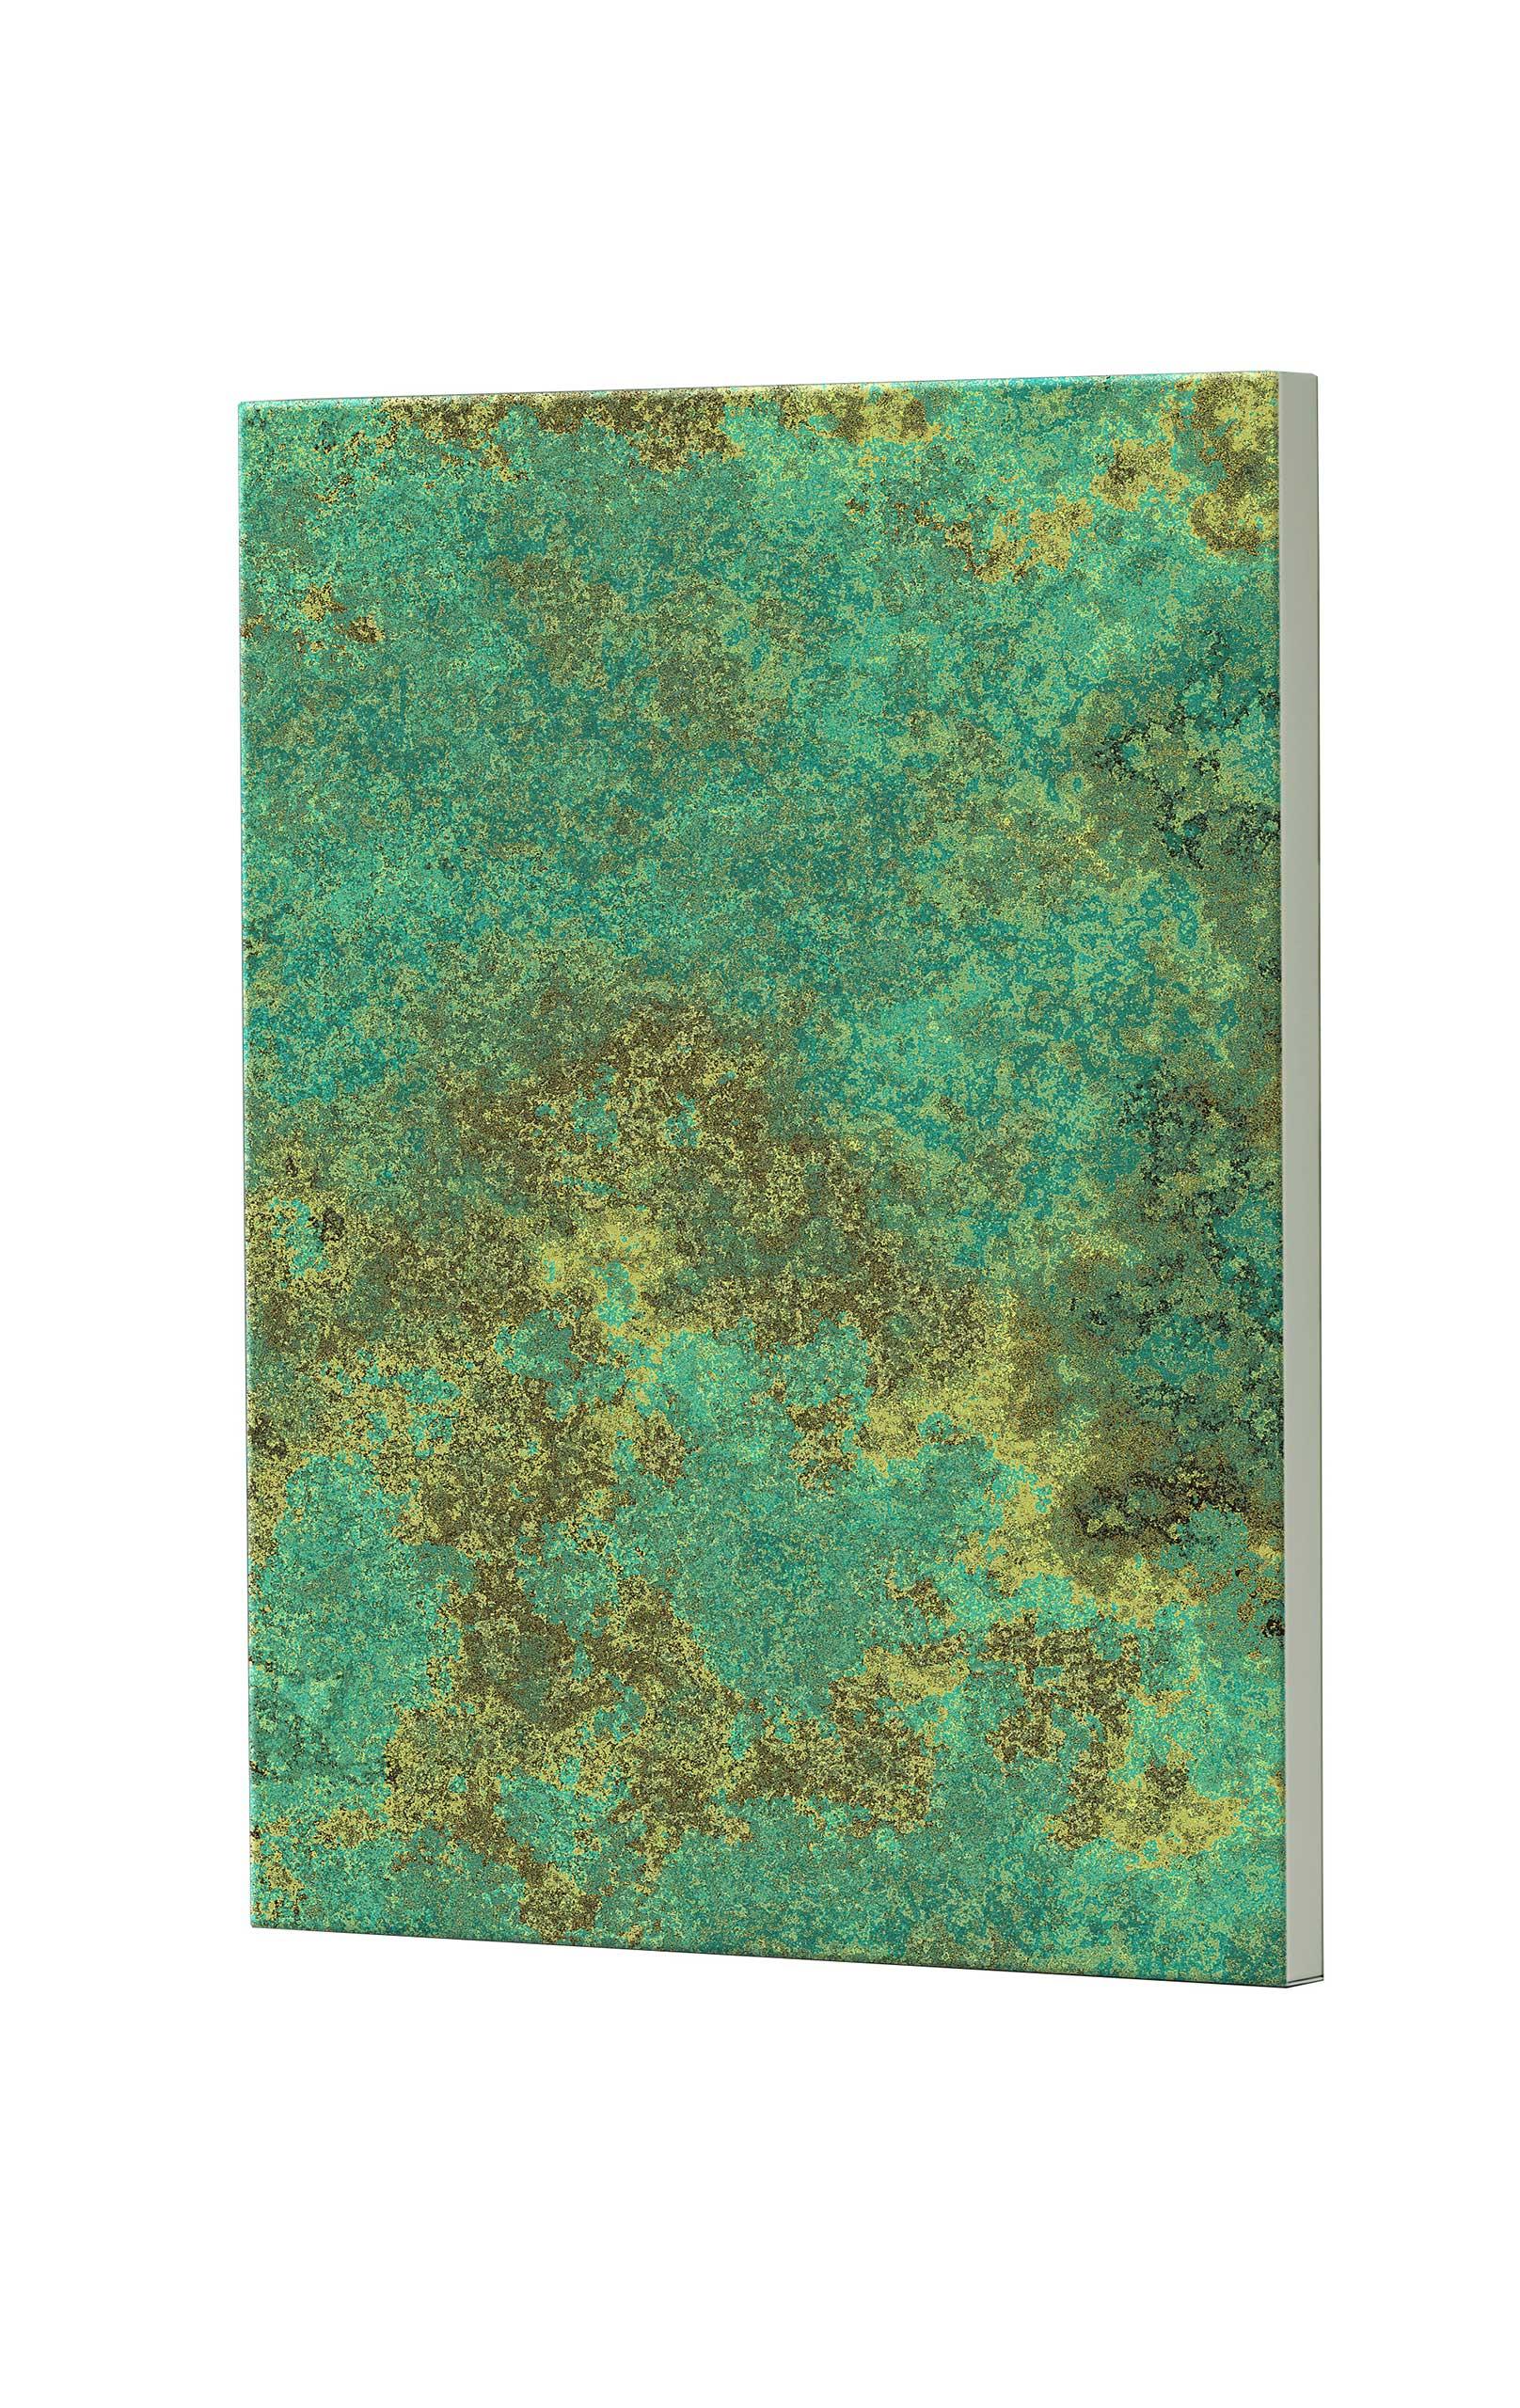 Magnettafel NOTIZ 60x80cm Motiv Abstrakt MDH155 Motiv-Pinnwand